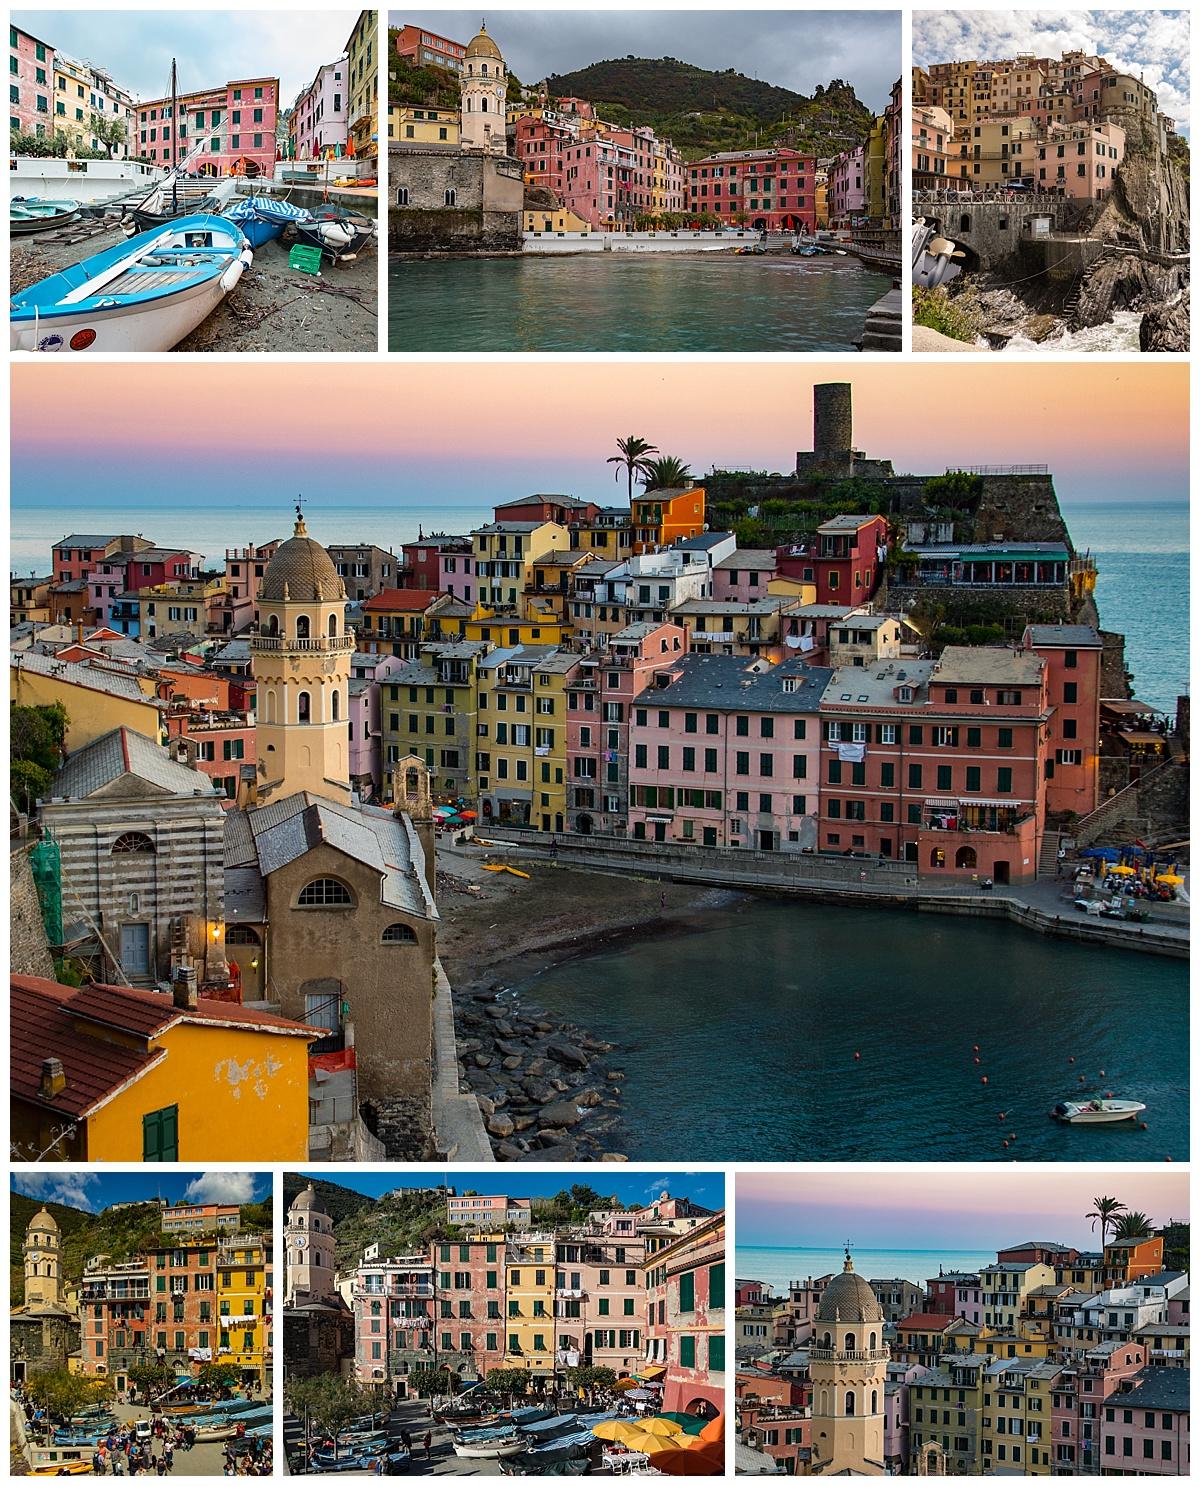 Cinque Terre, Italy - vernazza